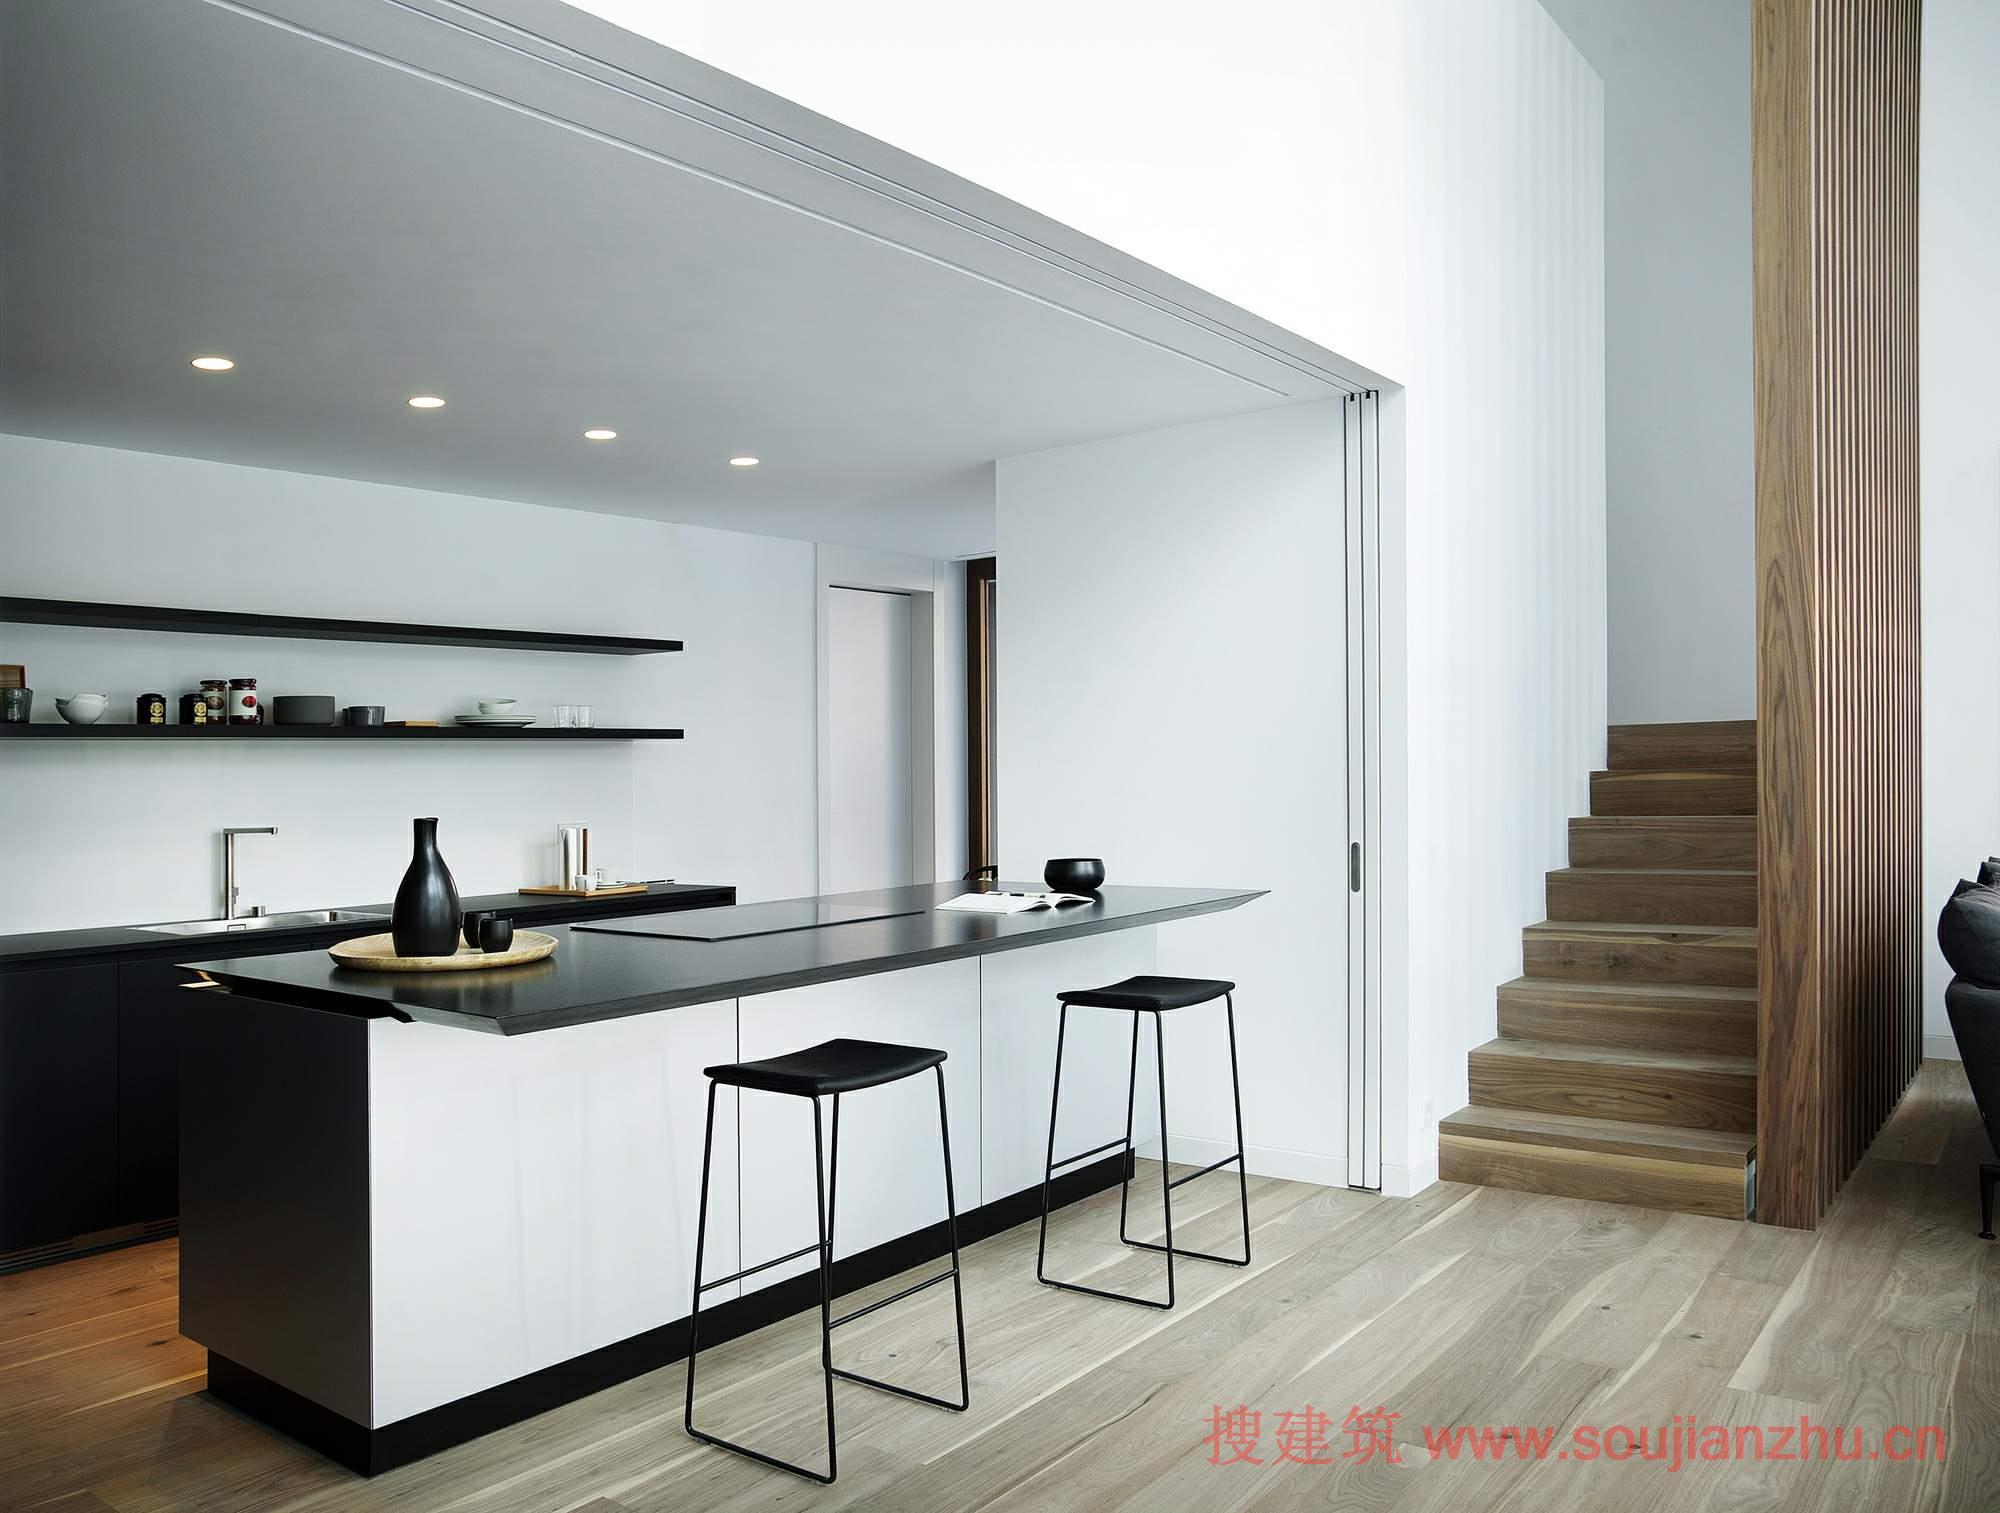 房子分为三层.地下室专门用于车库,洗衣房,仓库和机房等技术领域.